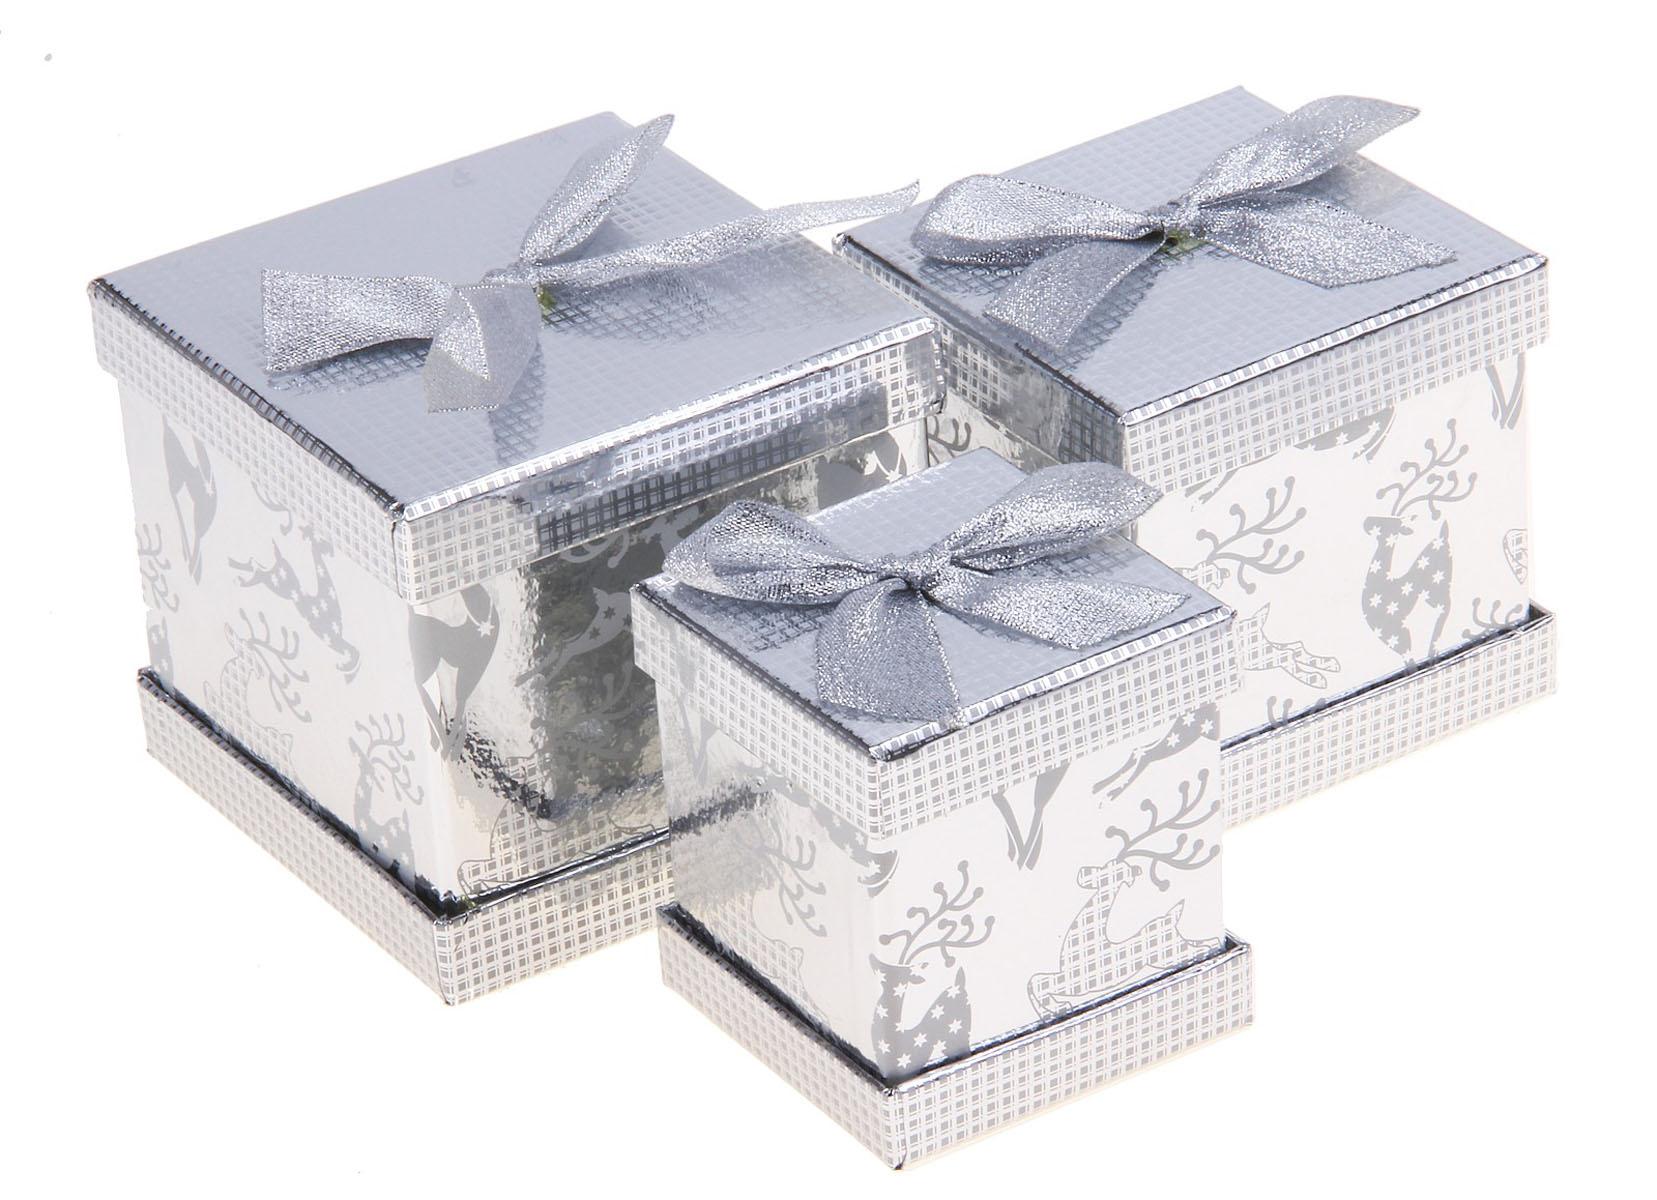 Набор подарочных коробок 3в1 Sima-land Мечта, цвет: серебристый, 3 шт682360Набор Sima-land Мечта состоит из трех квадратных коробок разного размера, которые вмещаются друг в друга. Коробки декорированы изображением оленей и текстильным бантом. Набор подарочных коробок - это наилучшее решение, если вы хотите порадовать ваших близких и создать праздничное настроение, ведь подарок, преподнесенный в оригинальной упаковке, всегда будет самым эффектным и запоминающимся. Окружите близких людей вниманием и заботой, вручив презент в нарядном, праздничном оформлении. Размер большой коробки: 12 см х 12 см х 11 см. Размер средней коробки: 10,5 см х 10,5 см х 11 см. Размер маленькой коробки: 8,5 см х 8,5 см х 9 см.